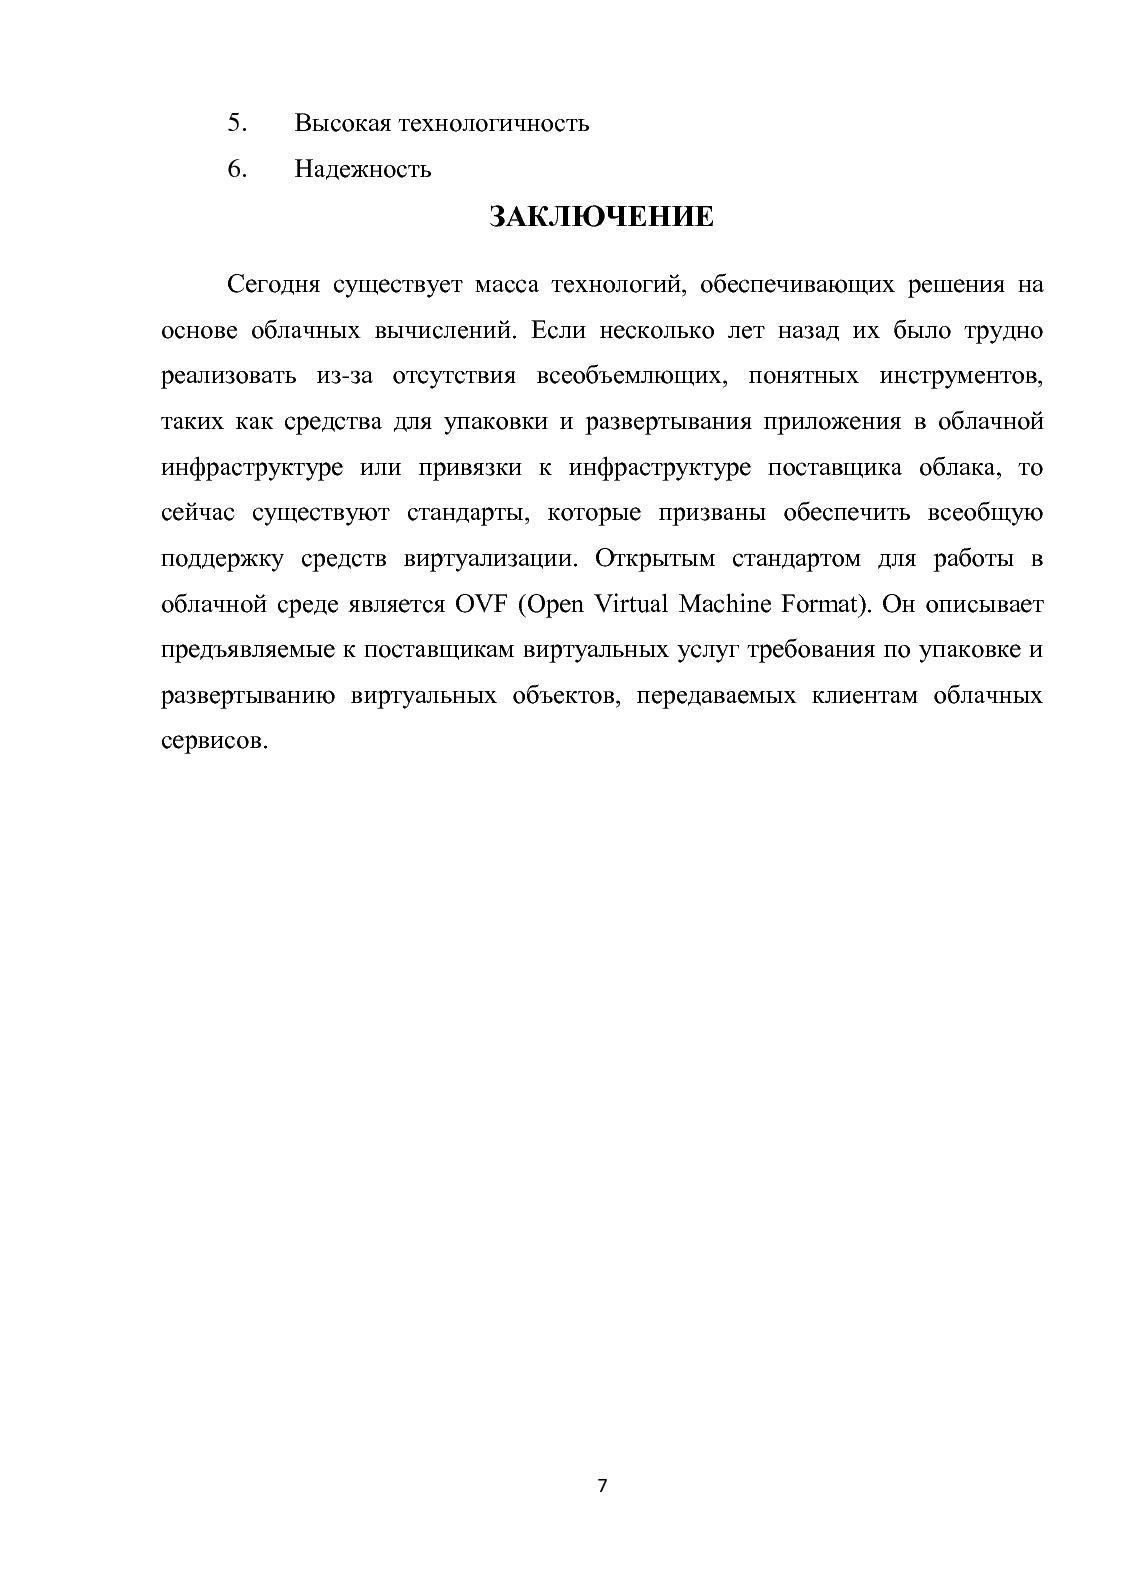 Реферат по теме Облачные технологии calameo er page 7